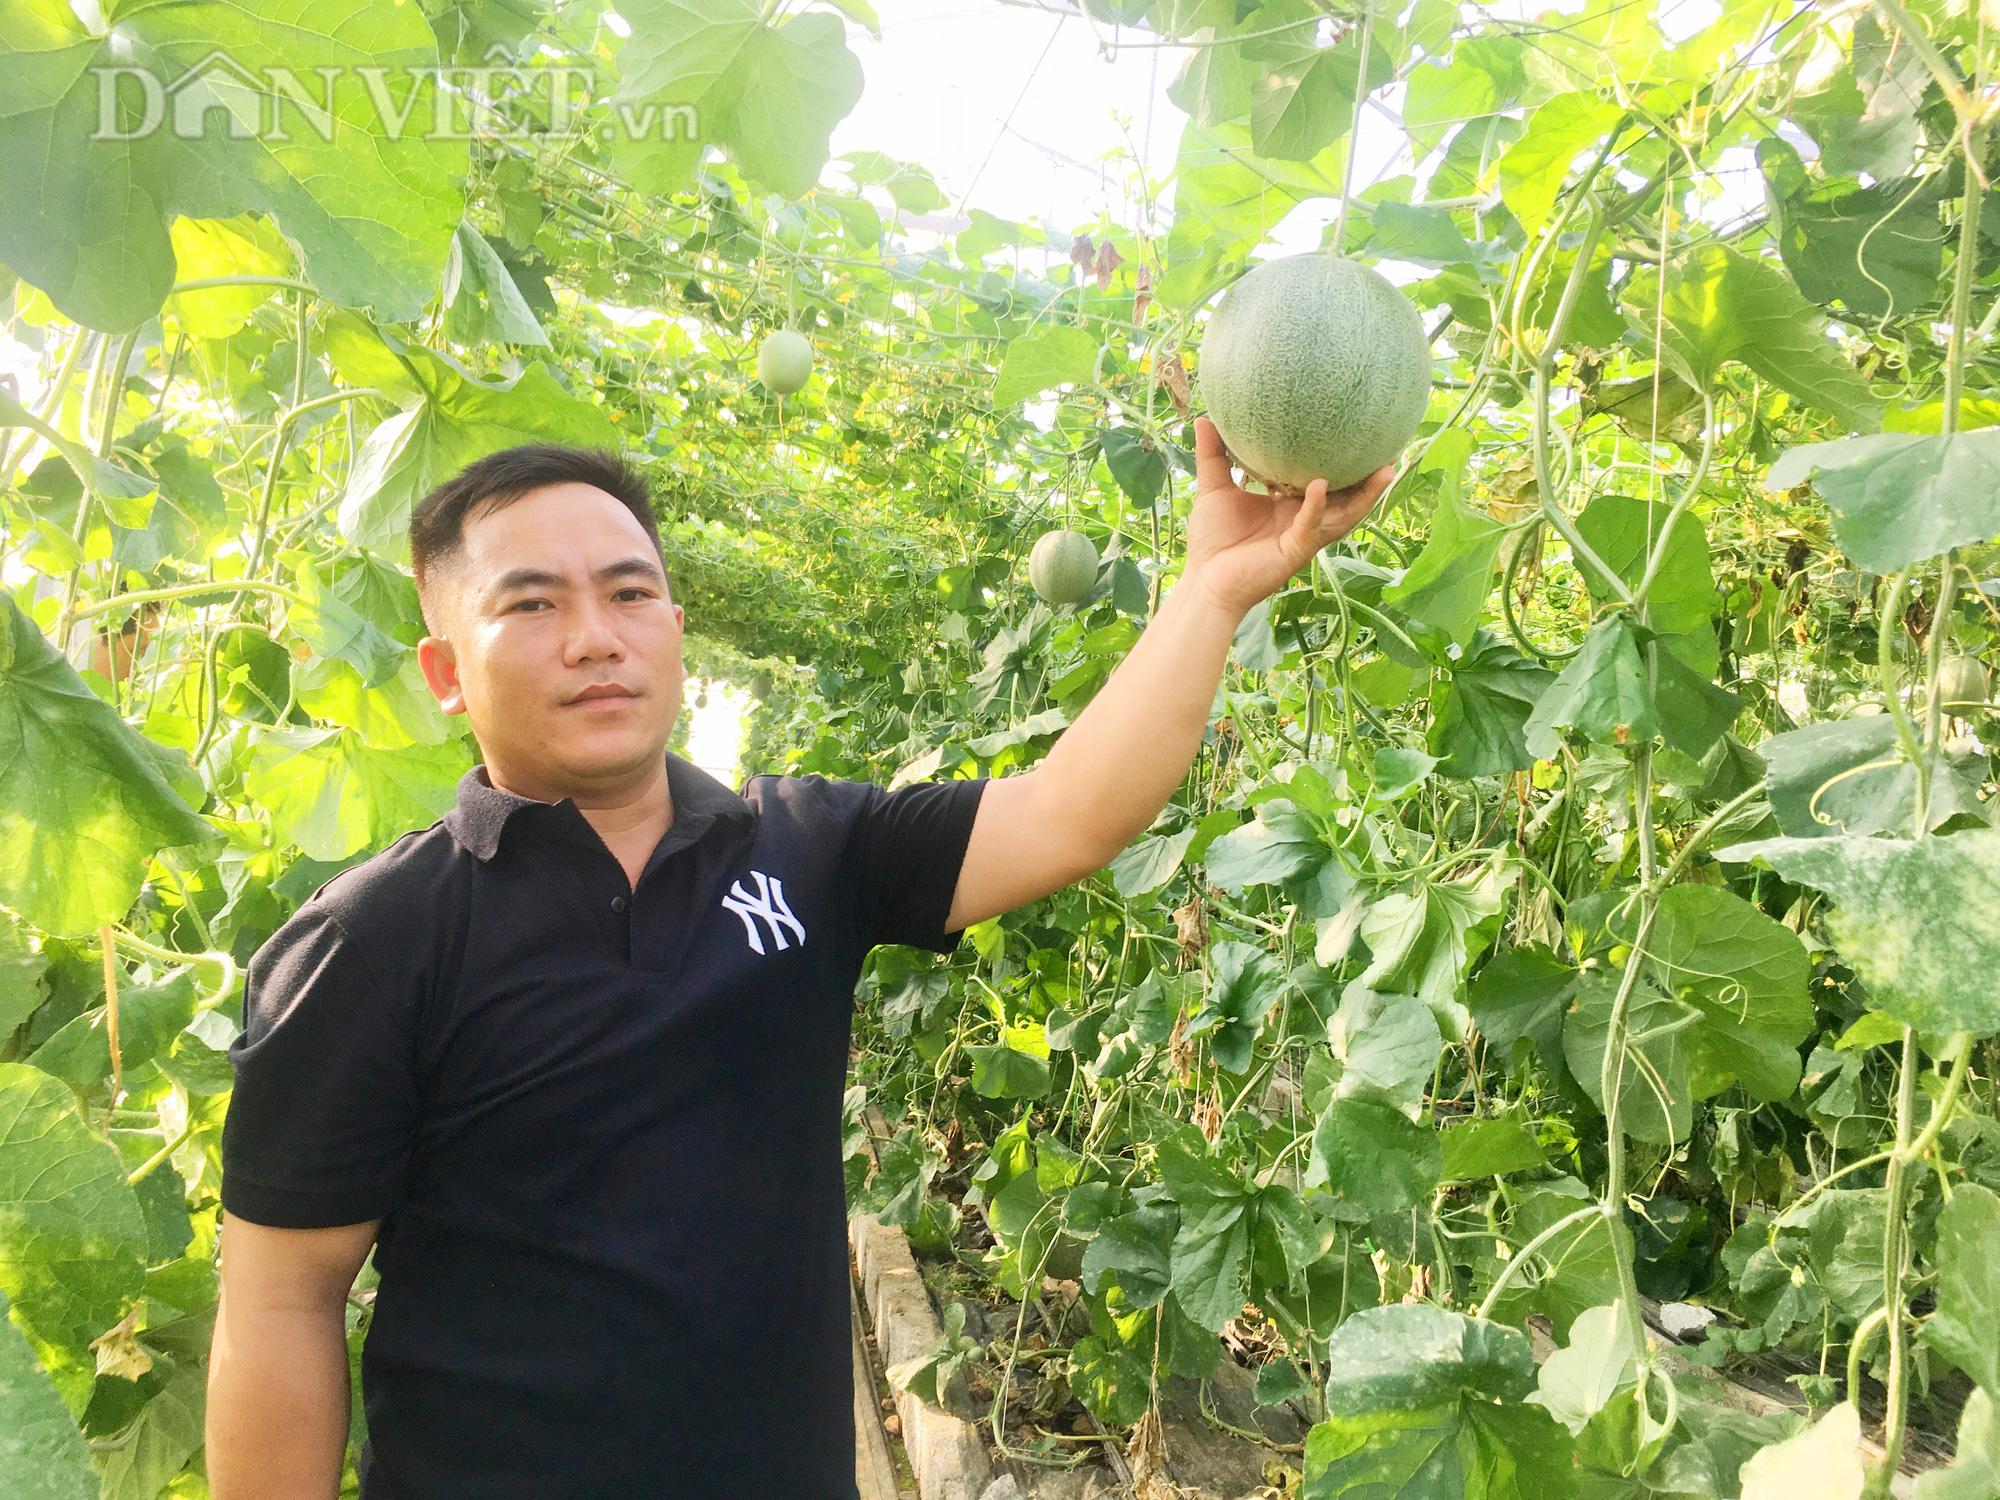 Anh Nguyễn Văn Tấn, xã Hóa Thanh, huyện Minh Hóa (tỉnh Quảng Bình) thành công với mô hình trồng dưa lưới. Ảnh: PV